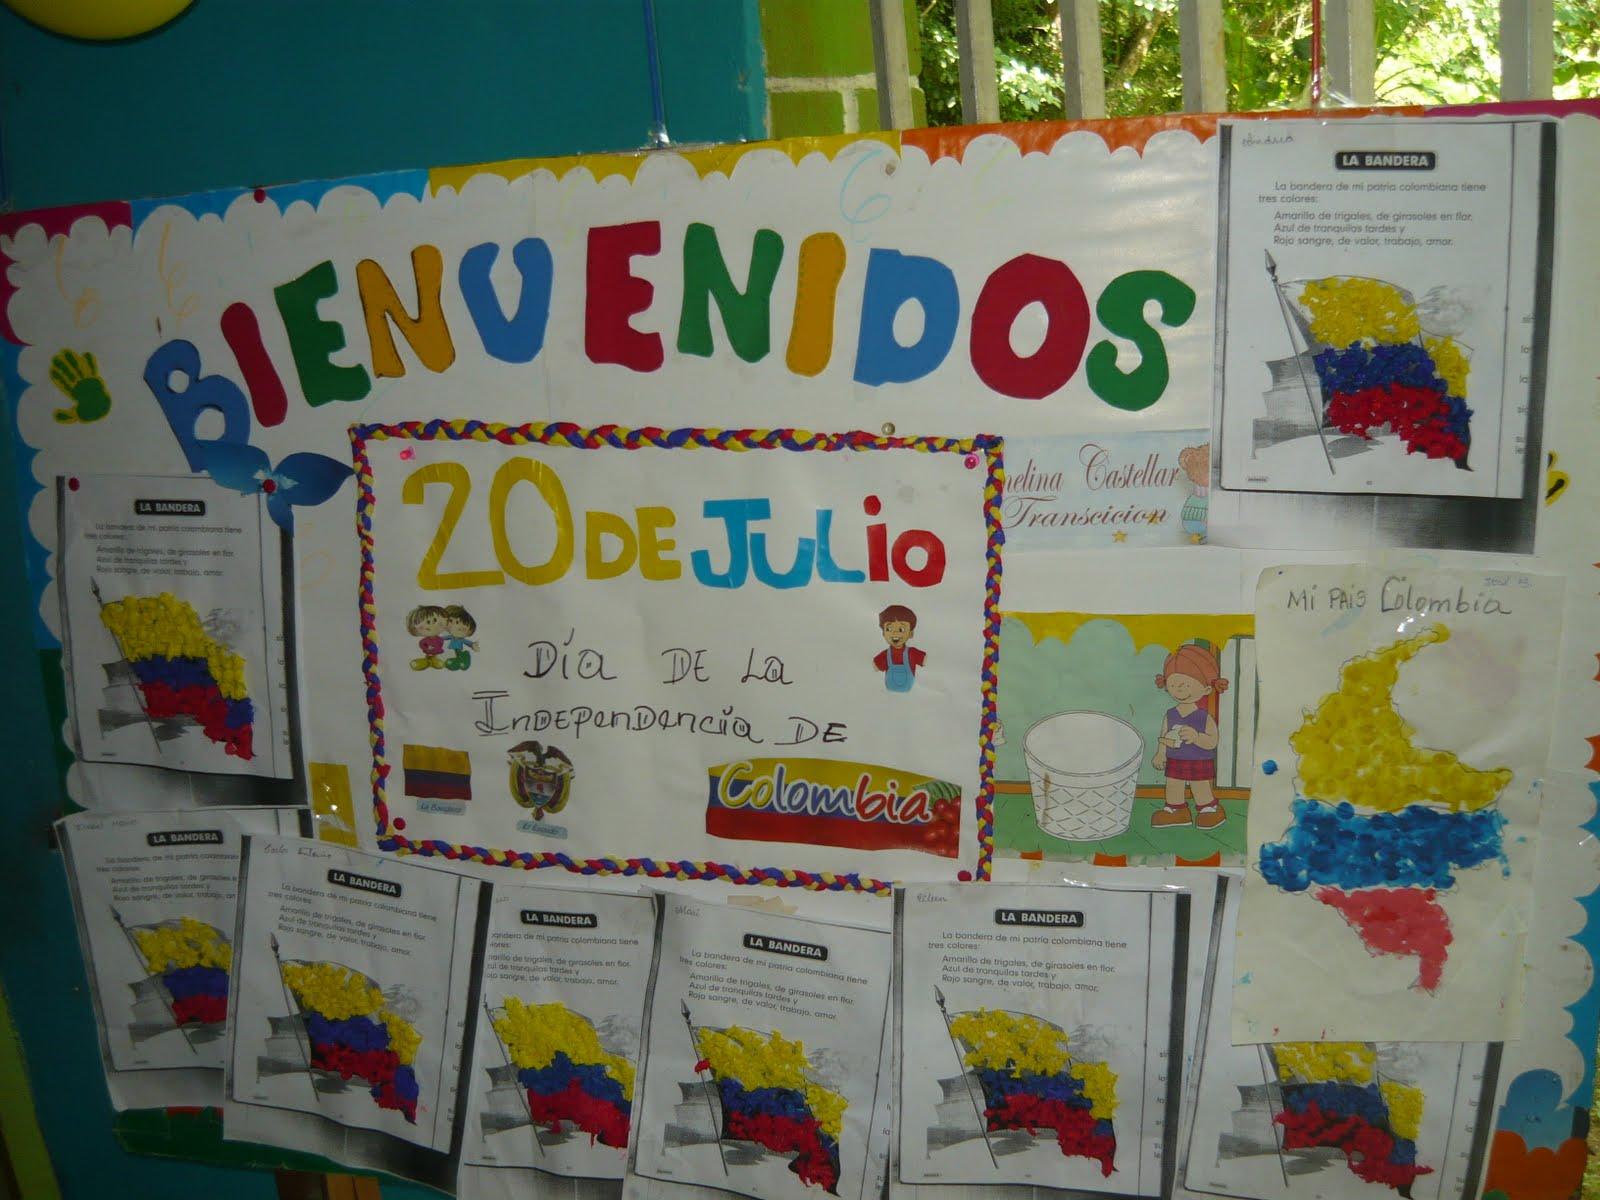 Colegio julio 2011 for Jardines 20 de julio bogota